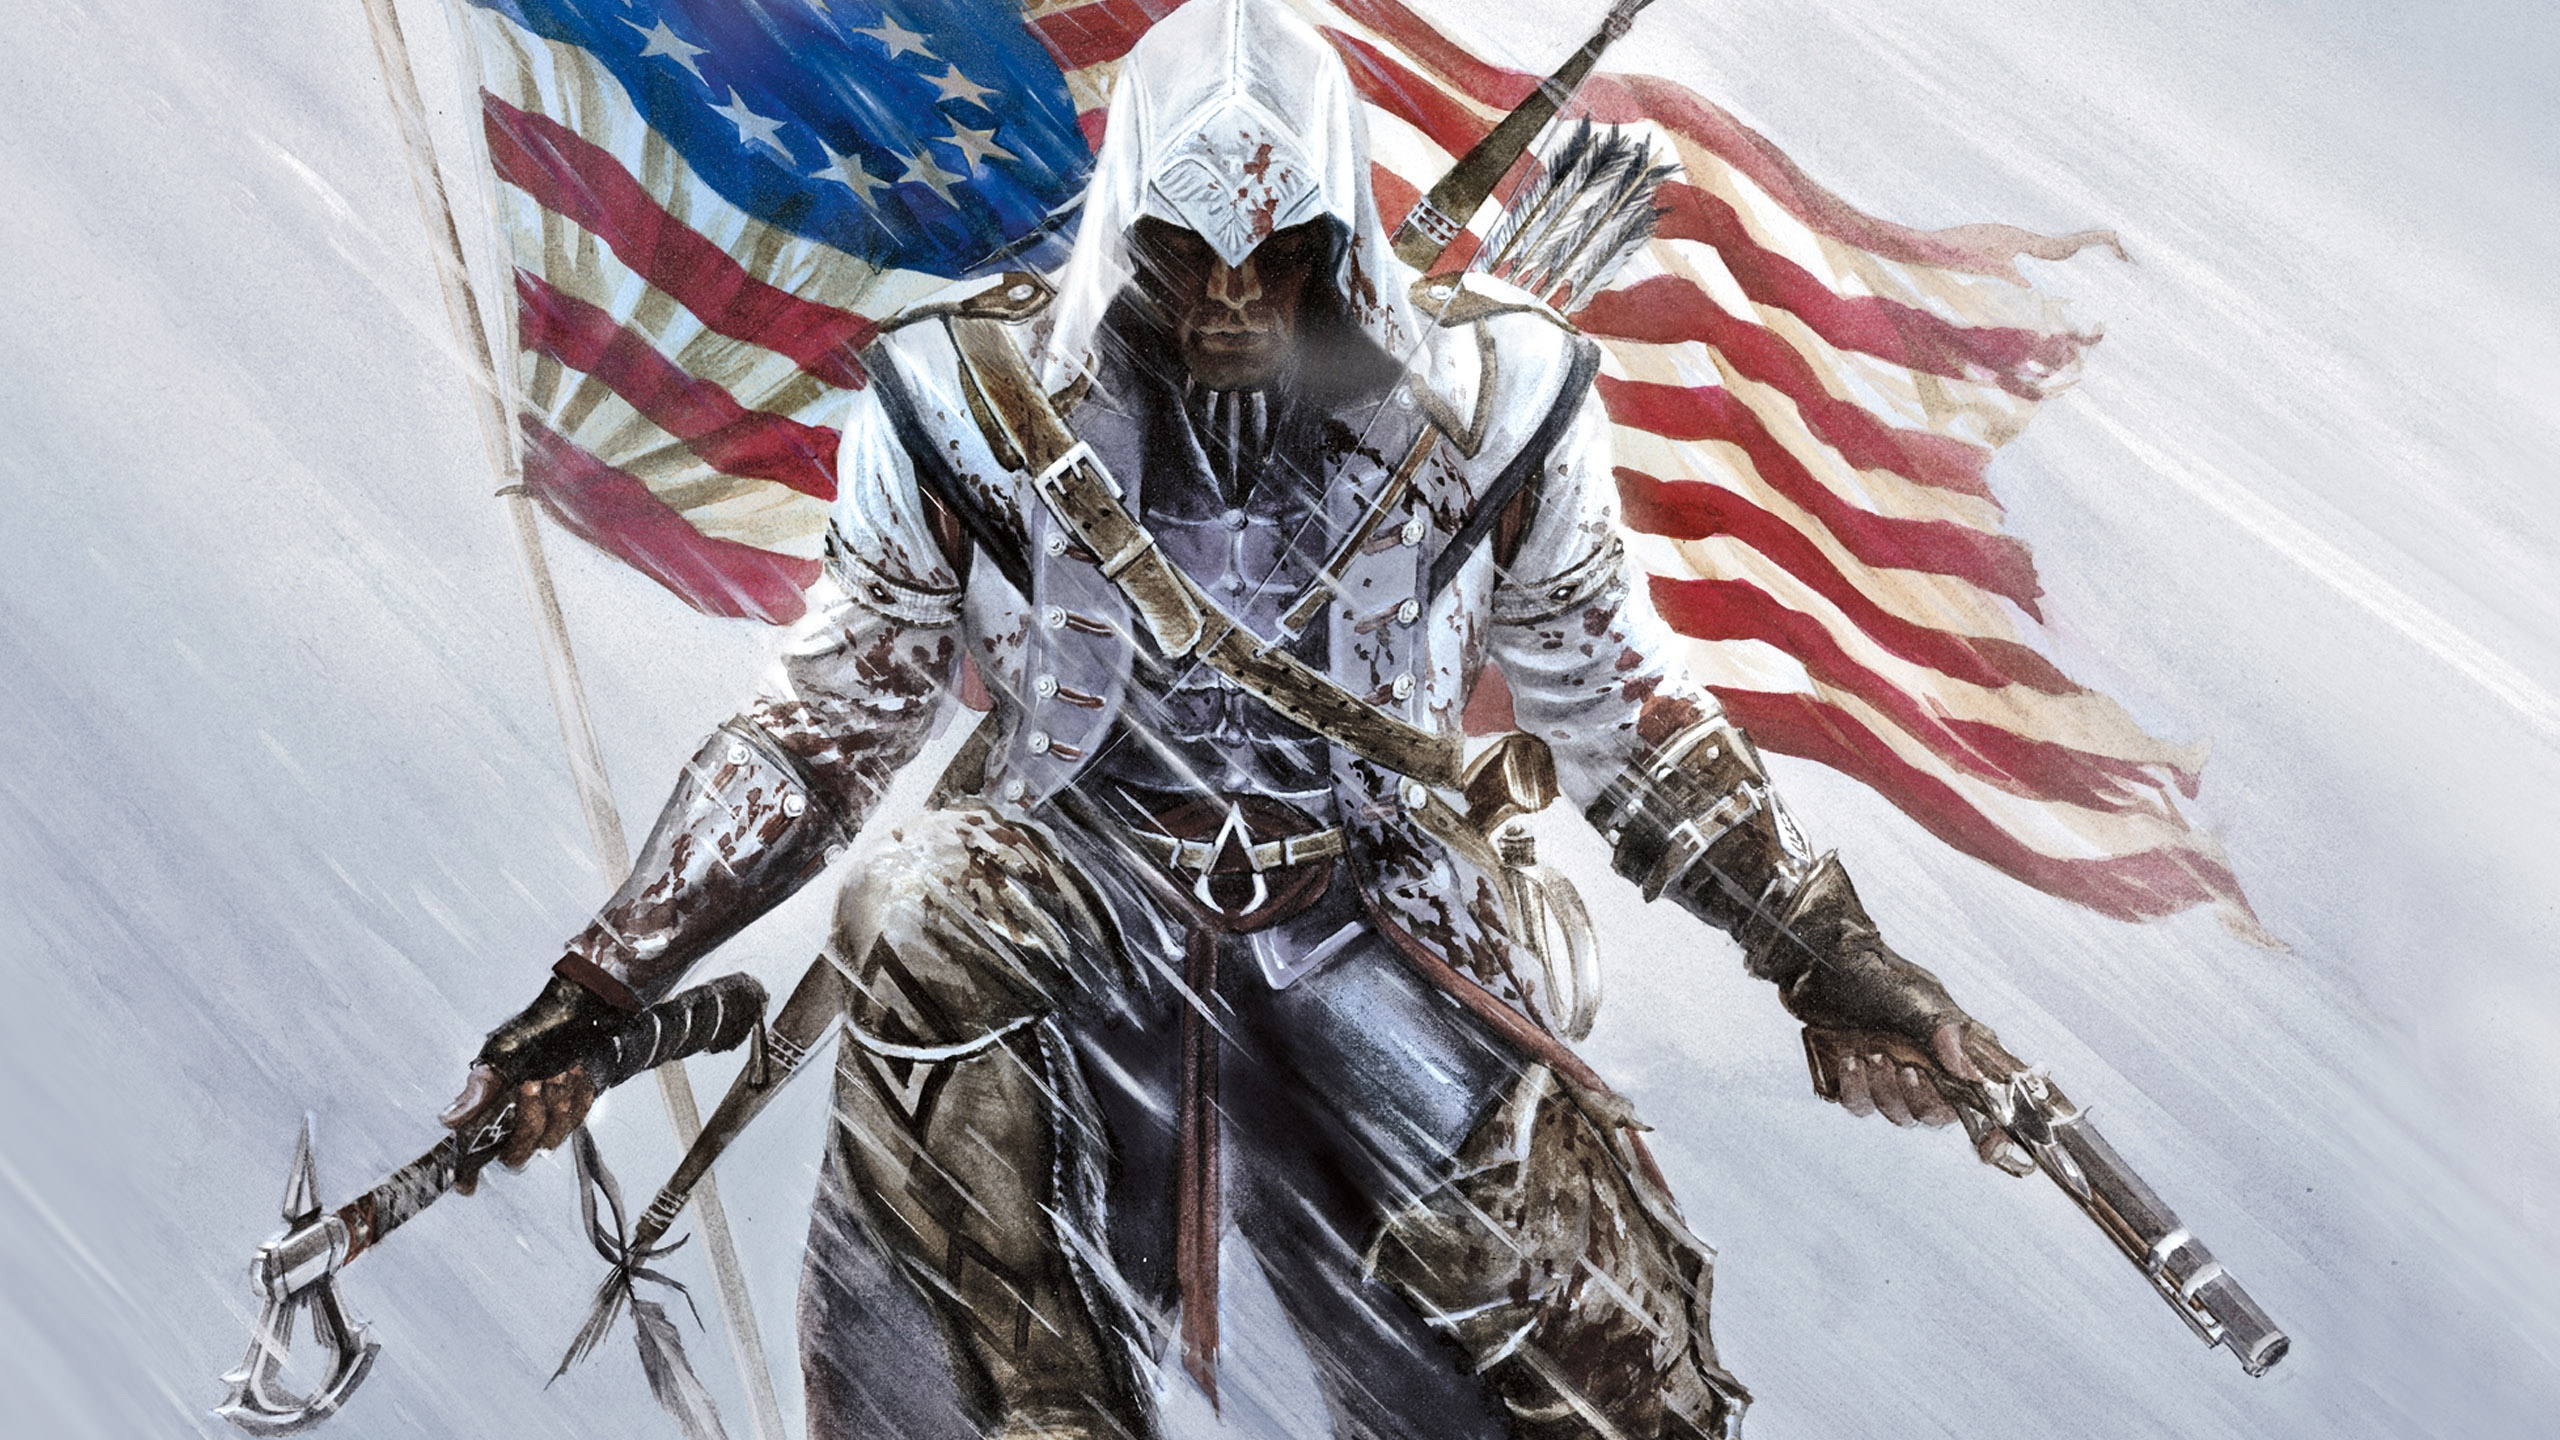 Assassins Creed 3 wallpaper 2 WallpapersBQ 2560x1440